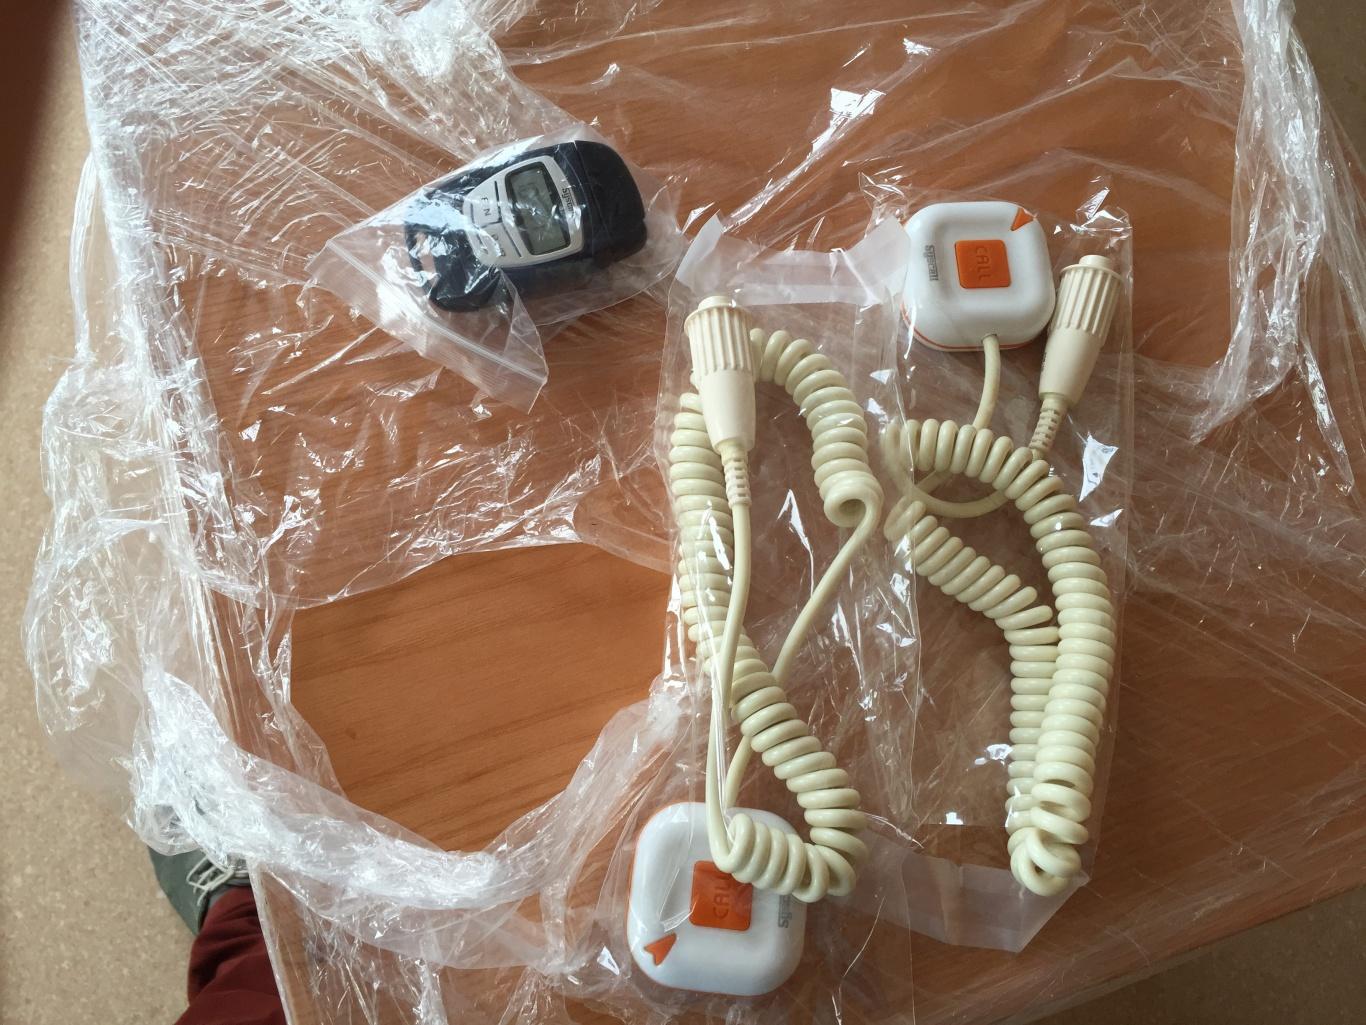 những nút chuông gọi y tá WS-100 được chuẩn bị để lắp đặt tại phòng khám